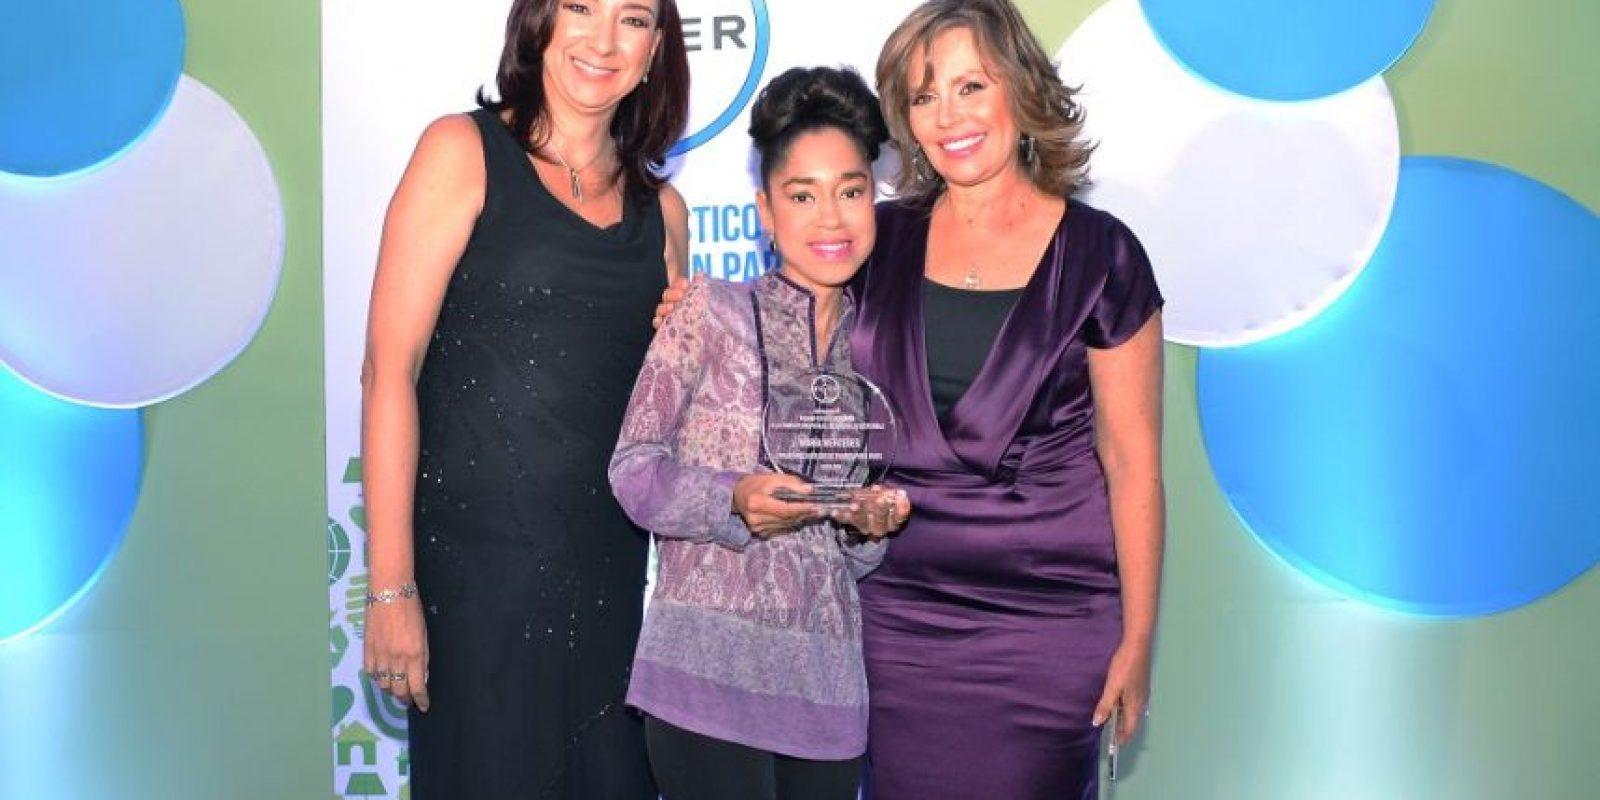 Maria Mercedes recibiendo el premio de Bayer Foto:Mario de Peña